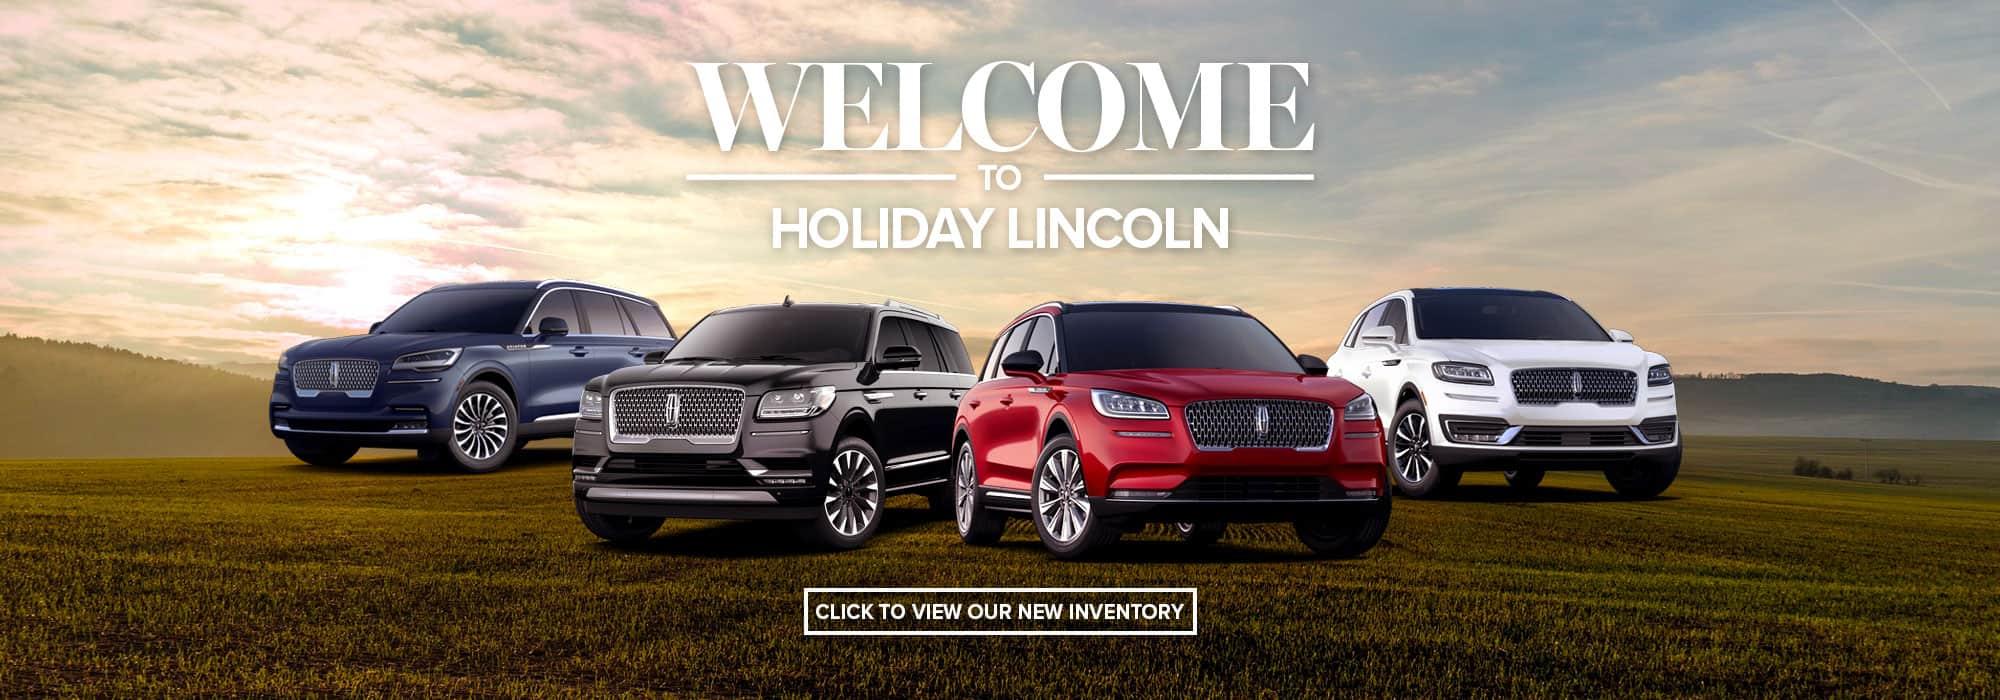 holiday-lincoln-default-slide-2021